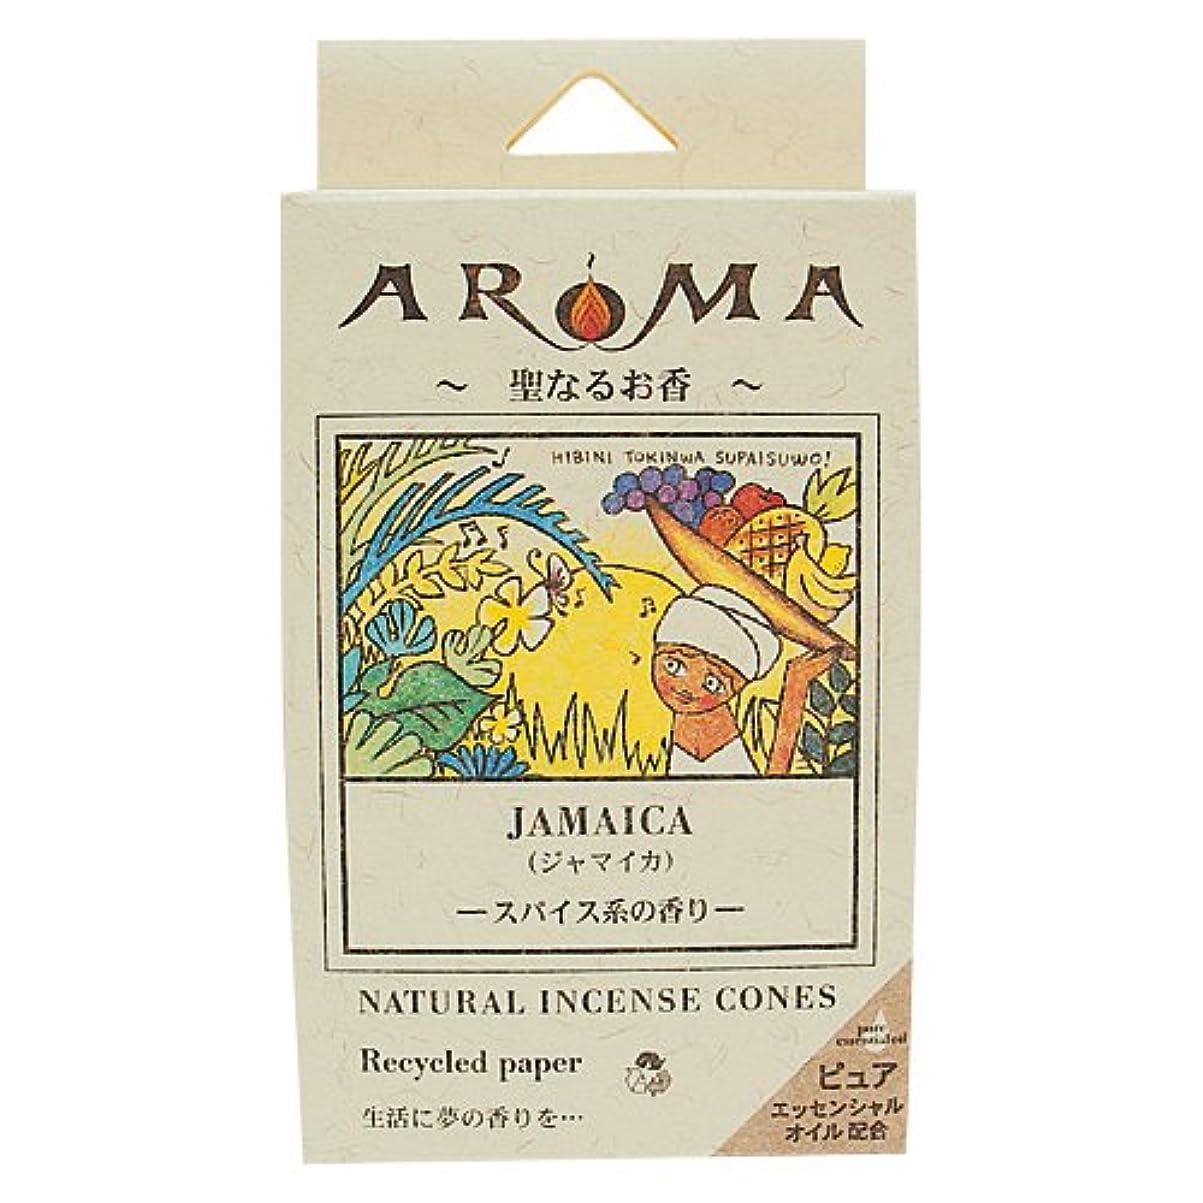 ようこそ安いです規則性アロマ香 ジャマイカ 16粒(コーンタイプインセンス 1粒の燃焼時間約20分 スパイス系の香り)